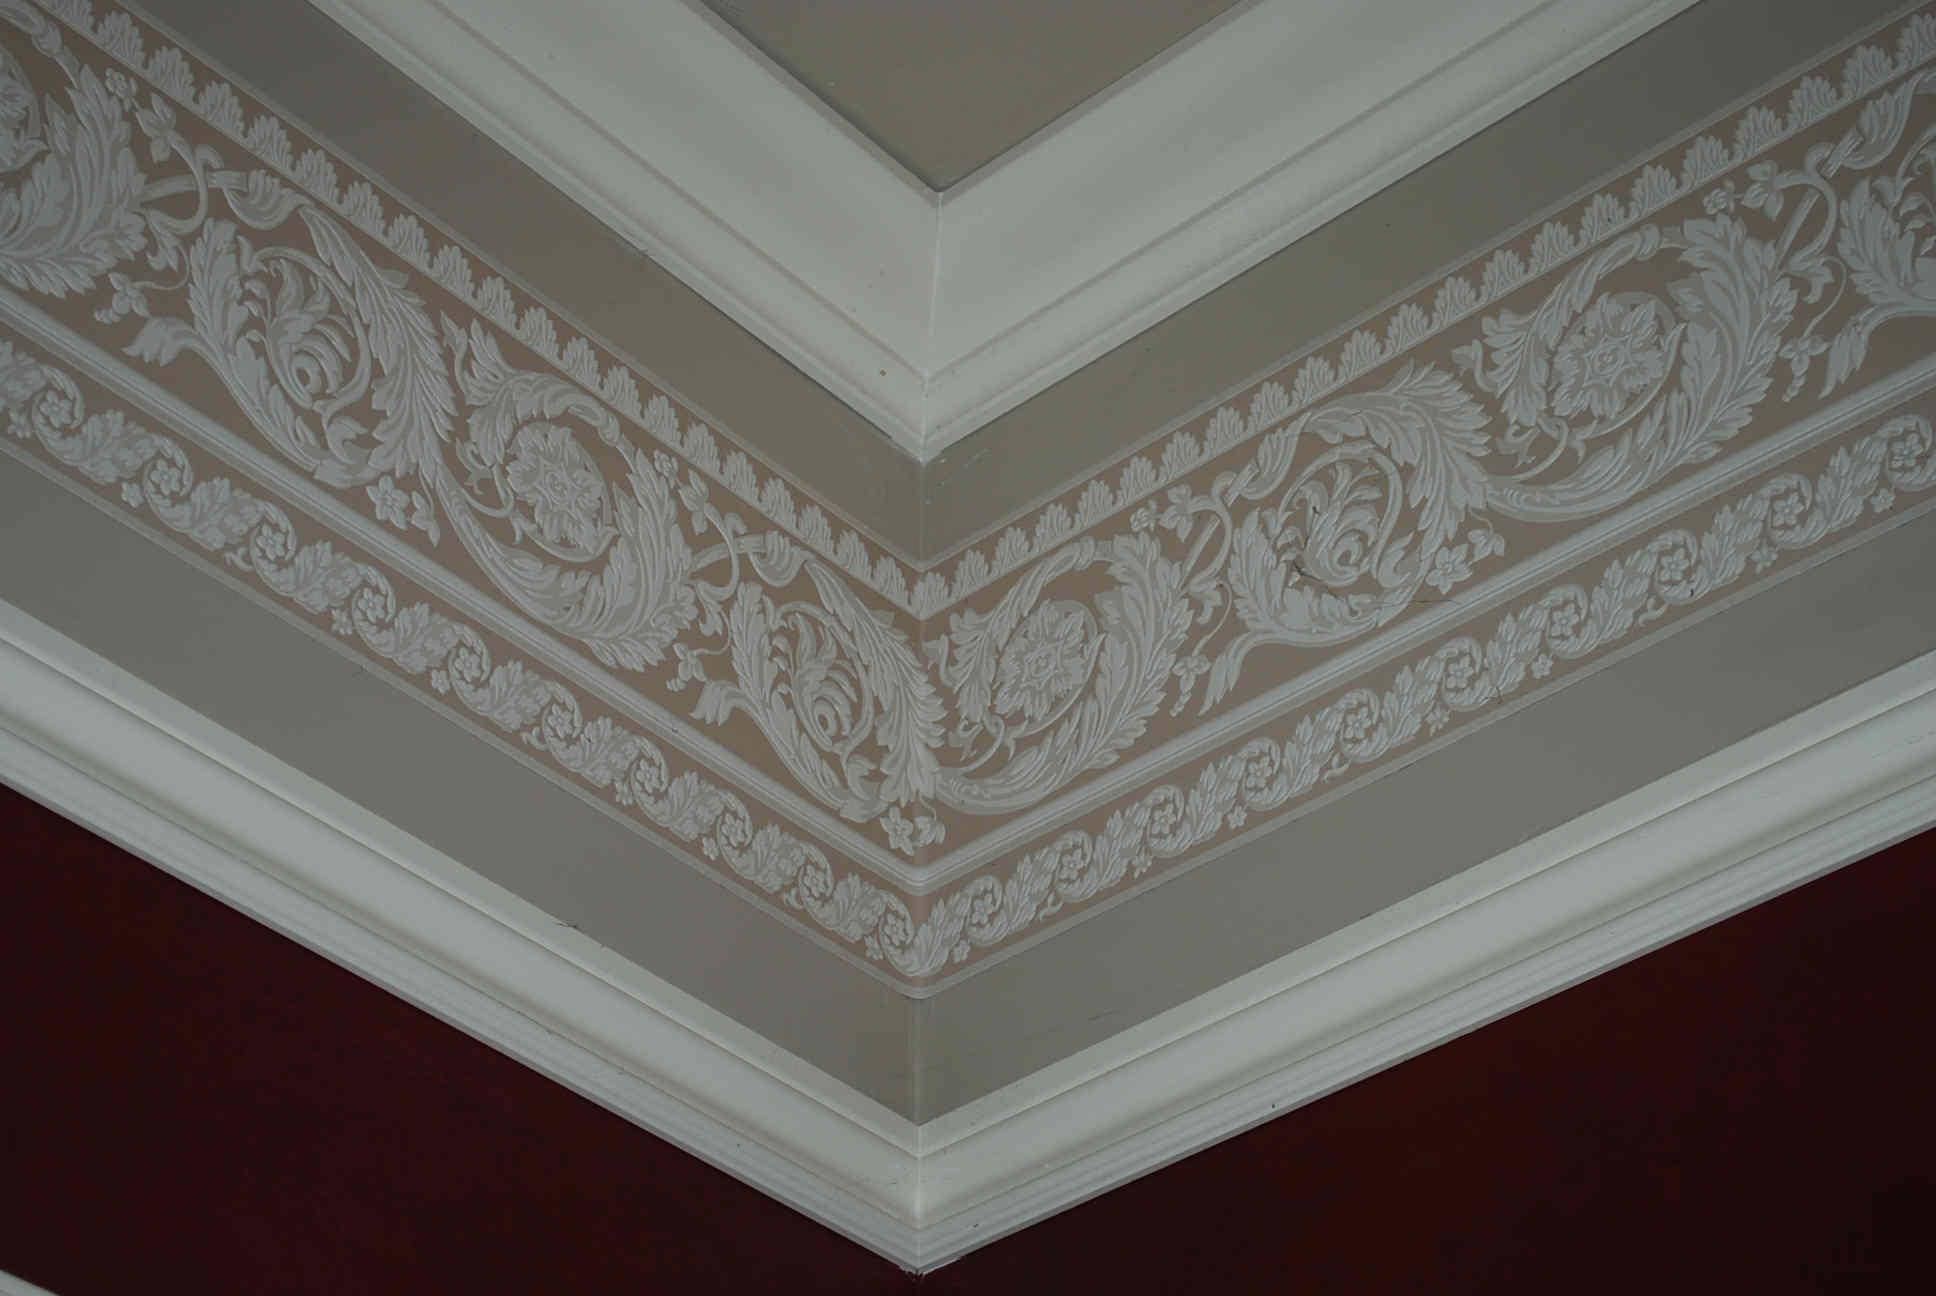 Wallpaper Crown Molding - WallpaperSafari